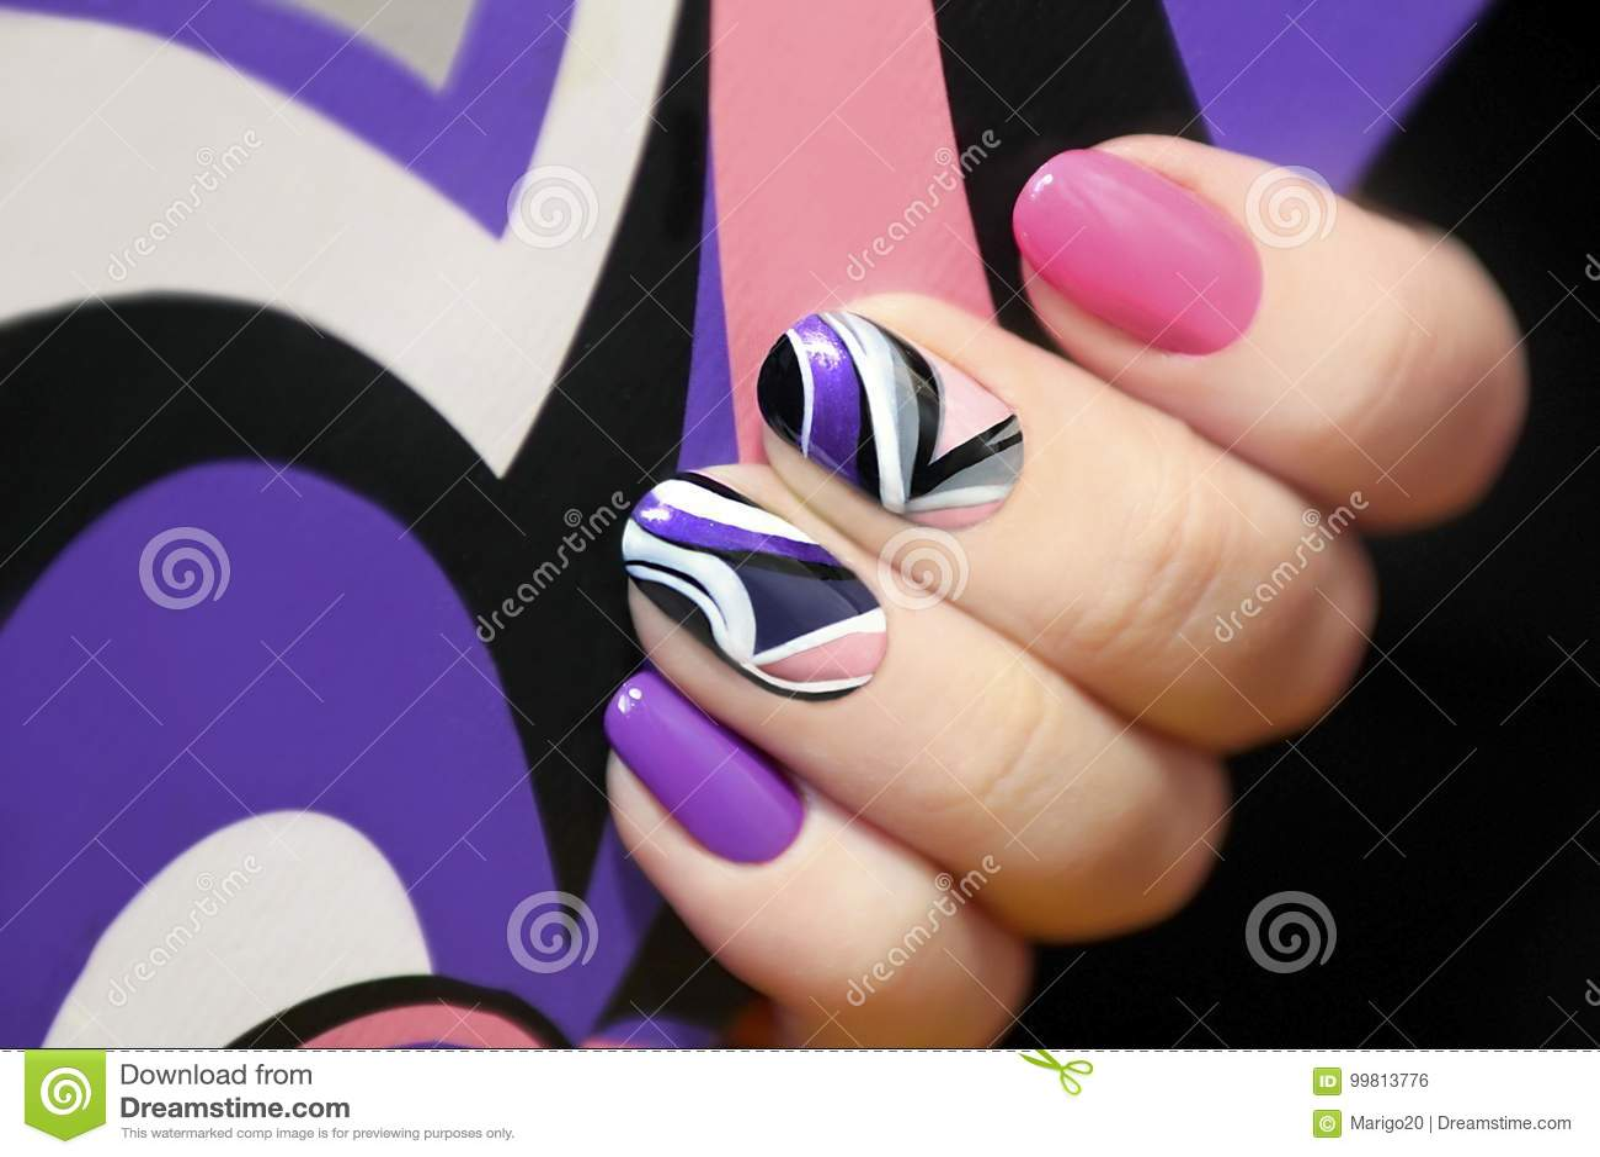 Фиолетовый и розовый в маникюре